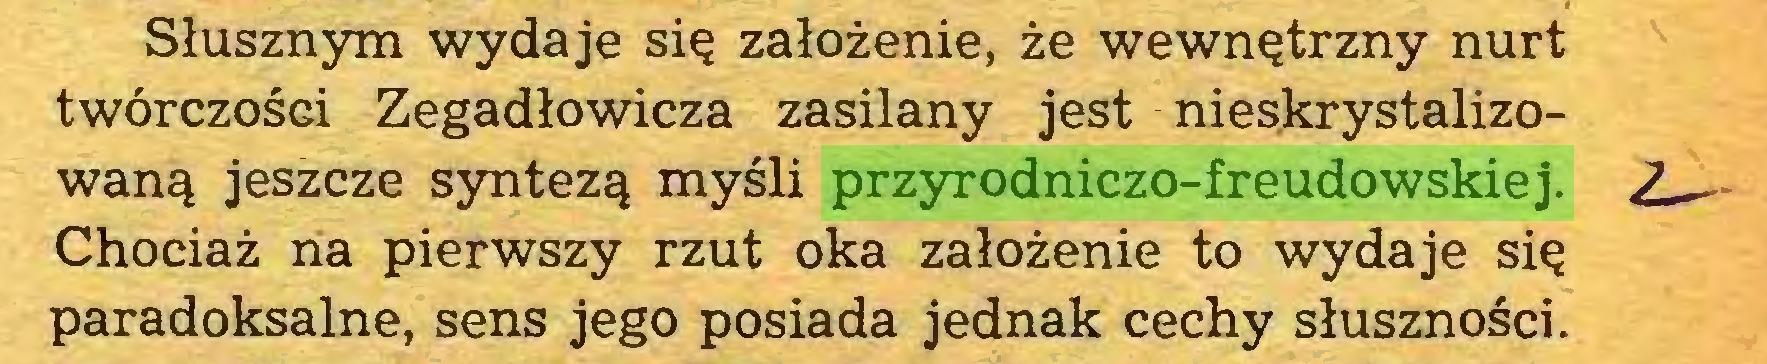 (...) Słusznym wydaje się założenie, że wewnętrzny nurt twórczości Zegadłowicza zasilany jest nieskrystalizowaną jeszcze syntezą myśli przyrodniczo-freudowskiej. ? _ Chociaż na pierwszy rzut oka założenie to wydaje się paradoksalne, sens jego posiada jednak cechy słuszności...